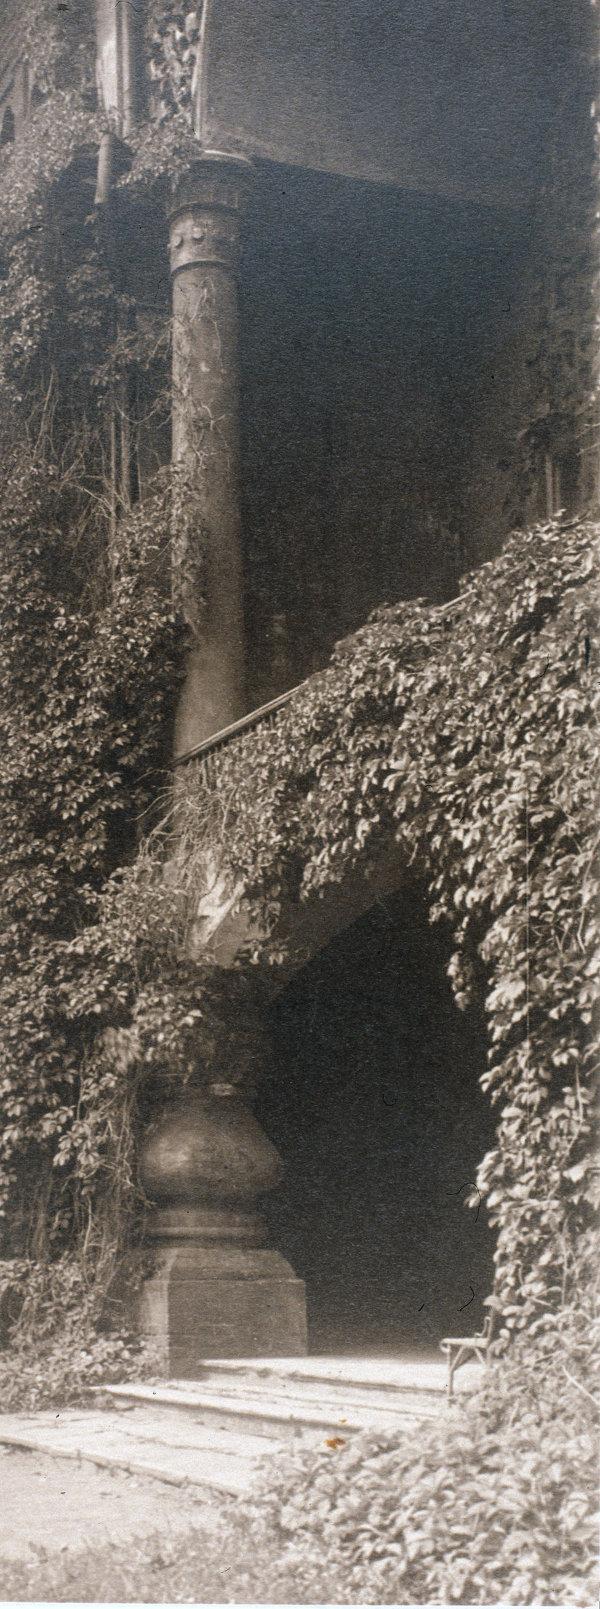 Юрий Еремин Покровское-Стрешнево 1923 Серебряно-желатиновый отпечаток